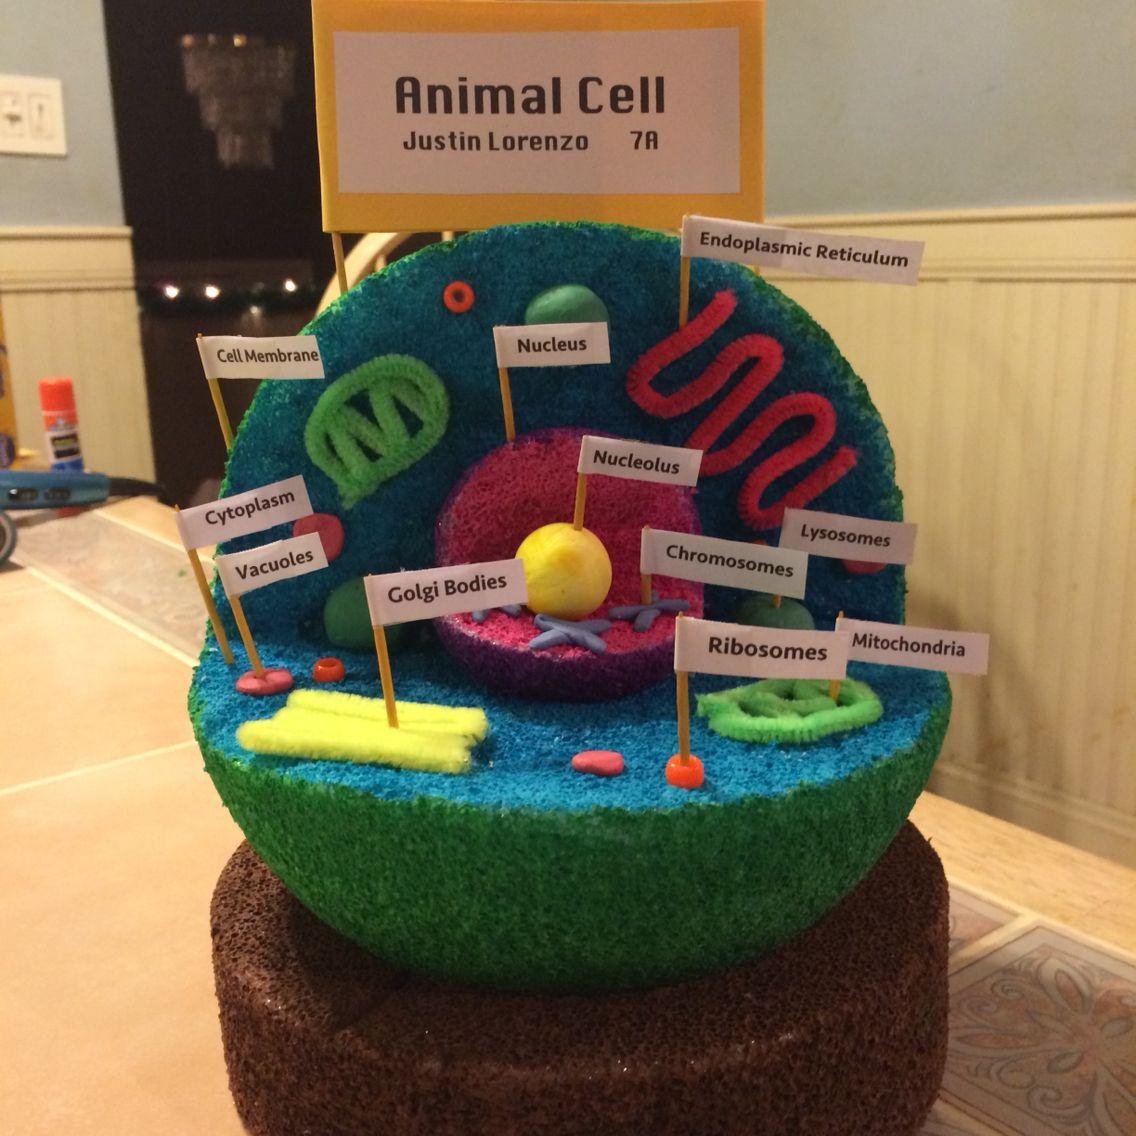 6b2164198653fc2e891c2a7e6287746b Jpg 1 136 1 136 Pixels Celula Animal Maqueta Proyecto Celula Animal Celula Animal